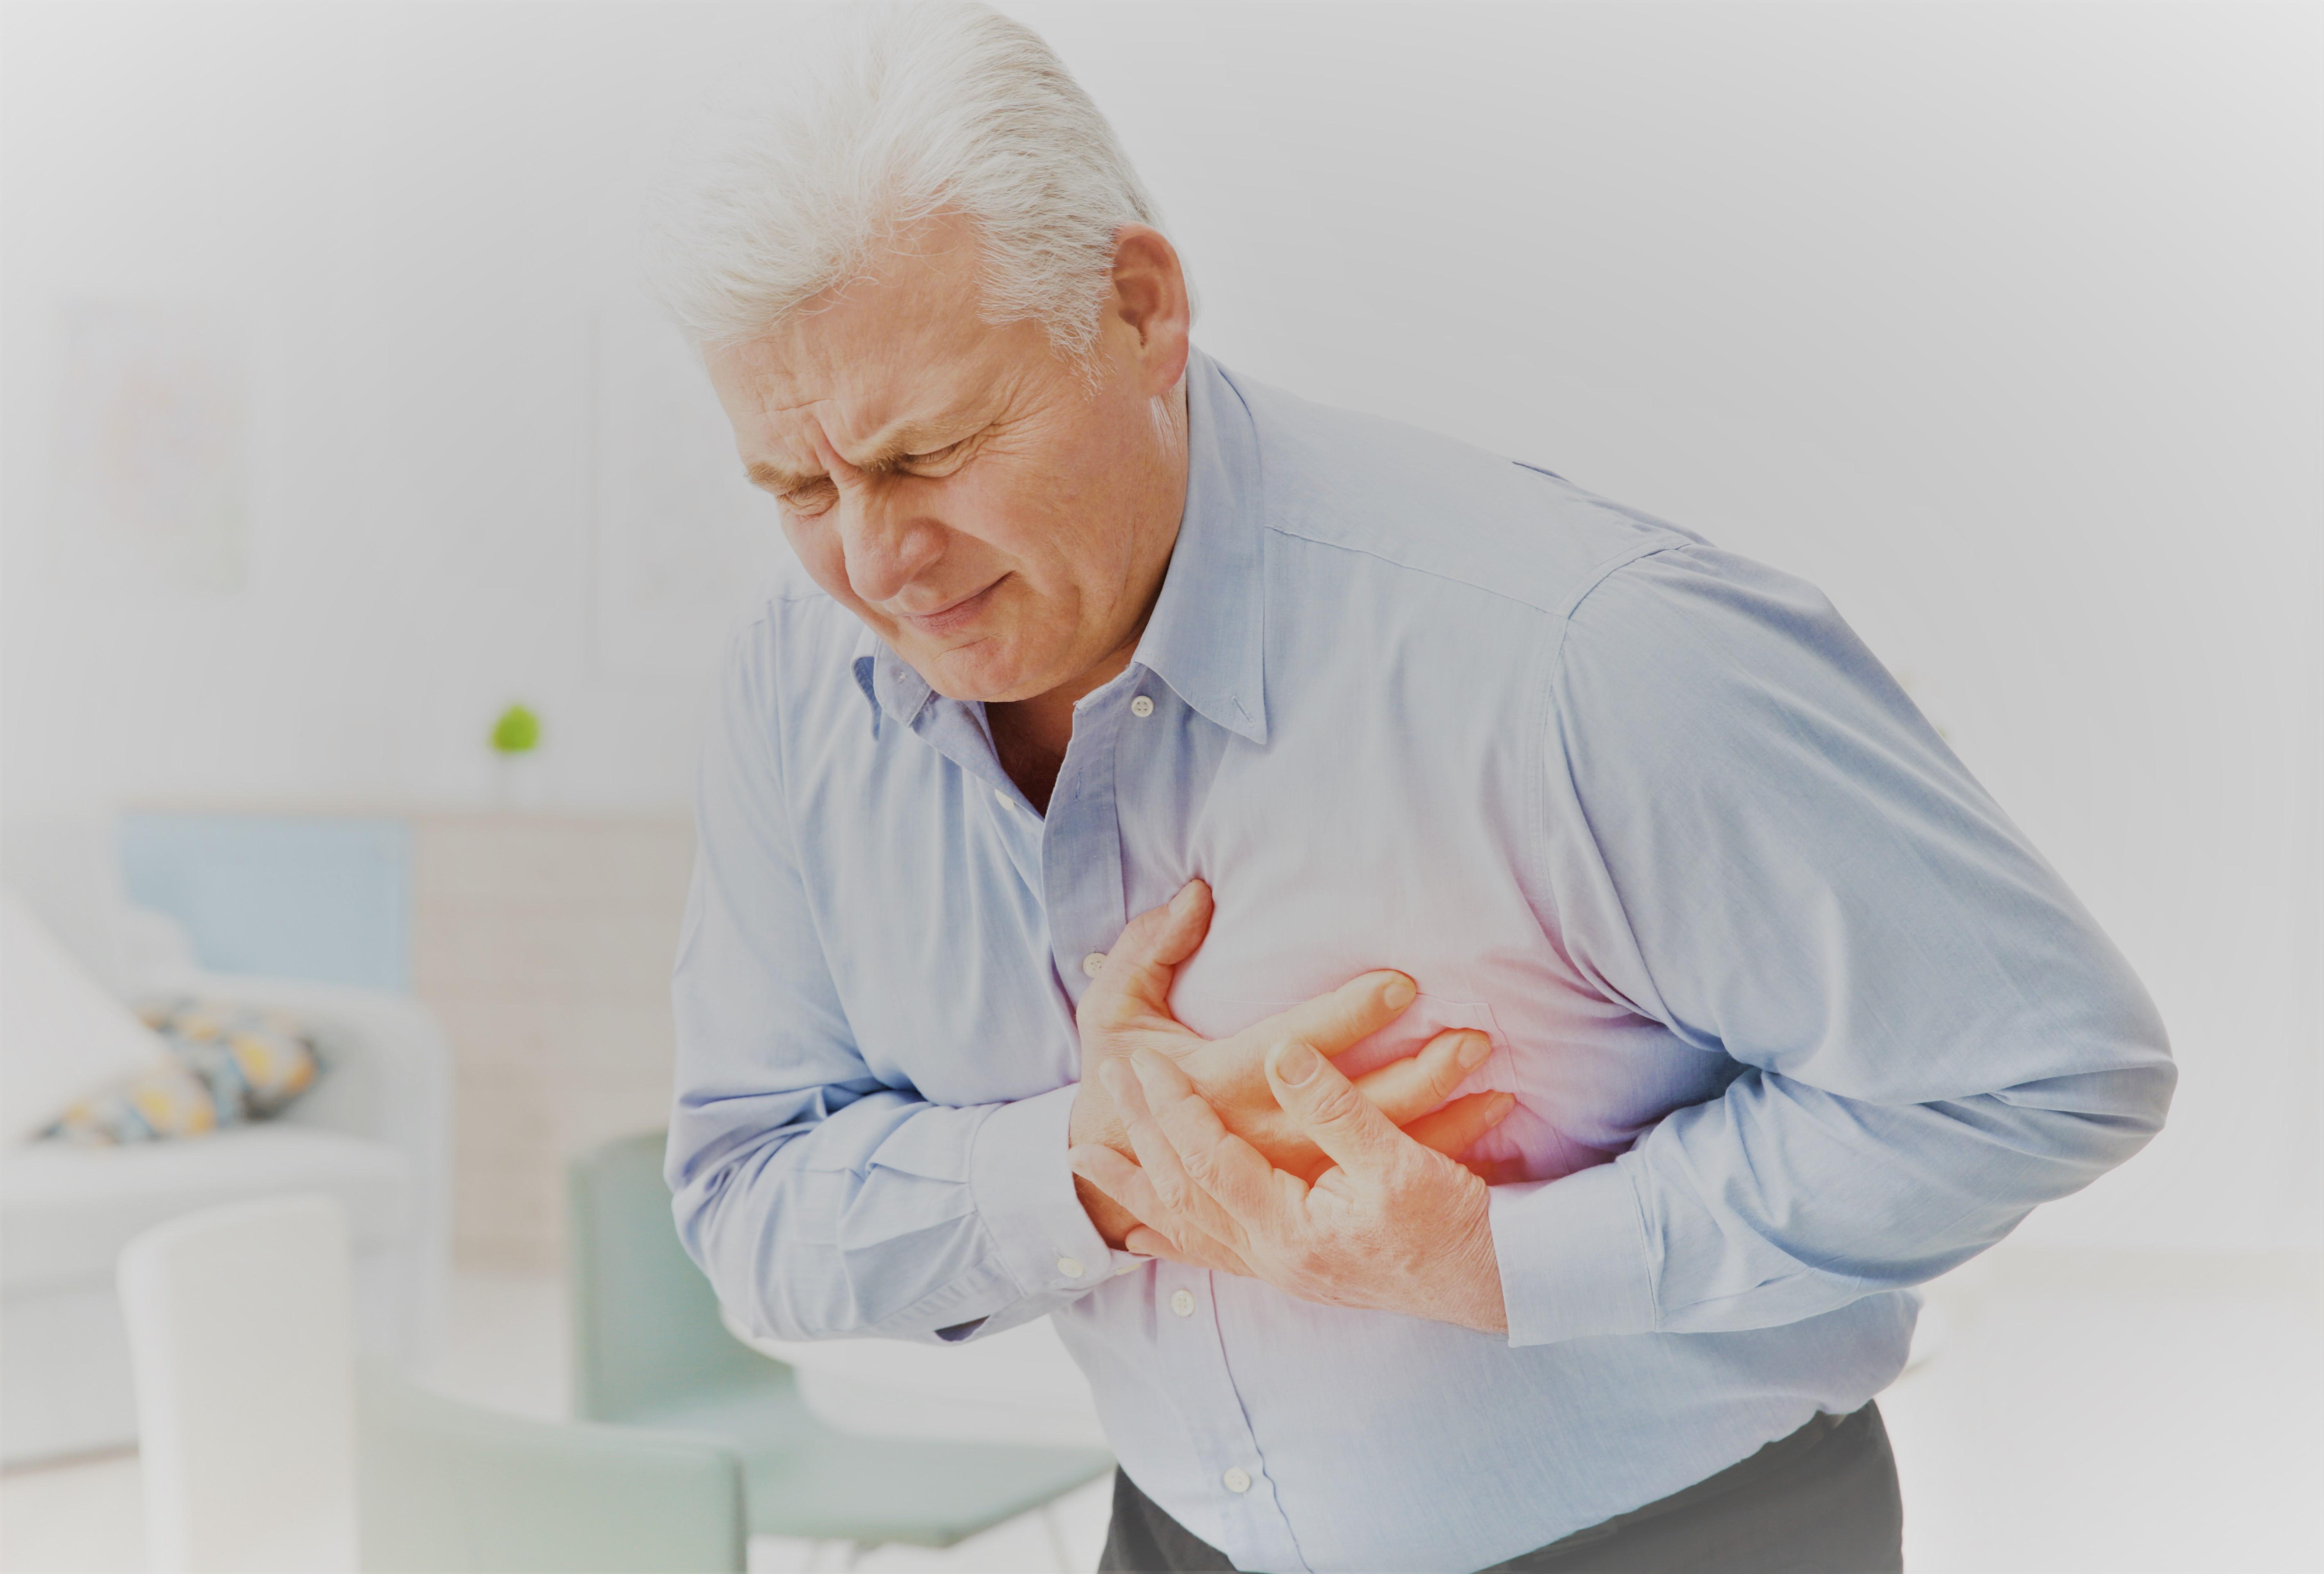 magas vérnyomás és szívfájdalom kezelése)